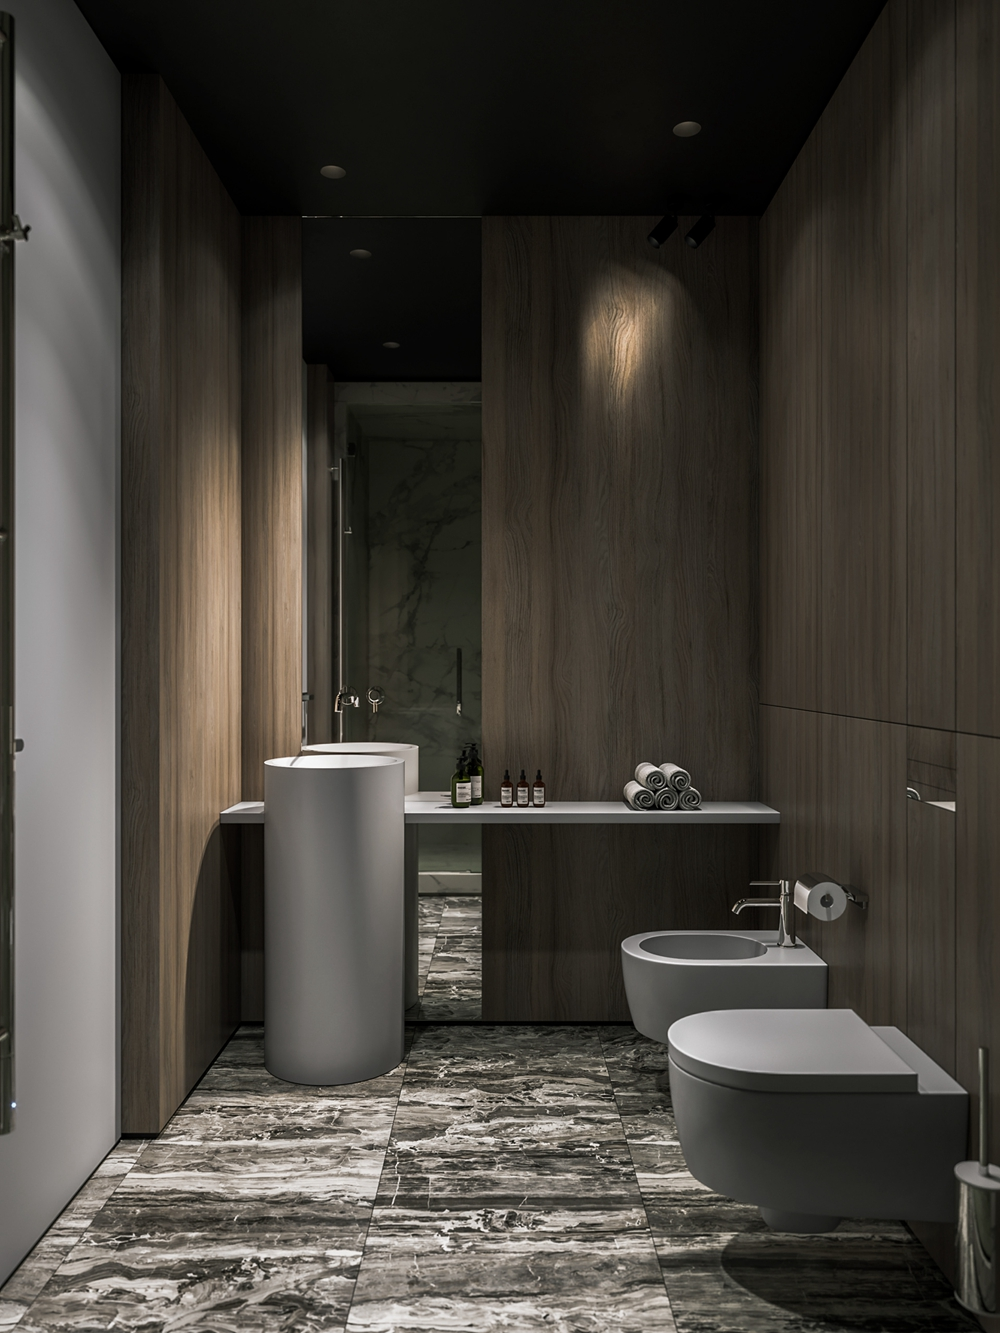 卫浴间设计简约雅致,黑白纹大理石地面和细腻洁具形成对比,卫浴空间显得十分精致。